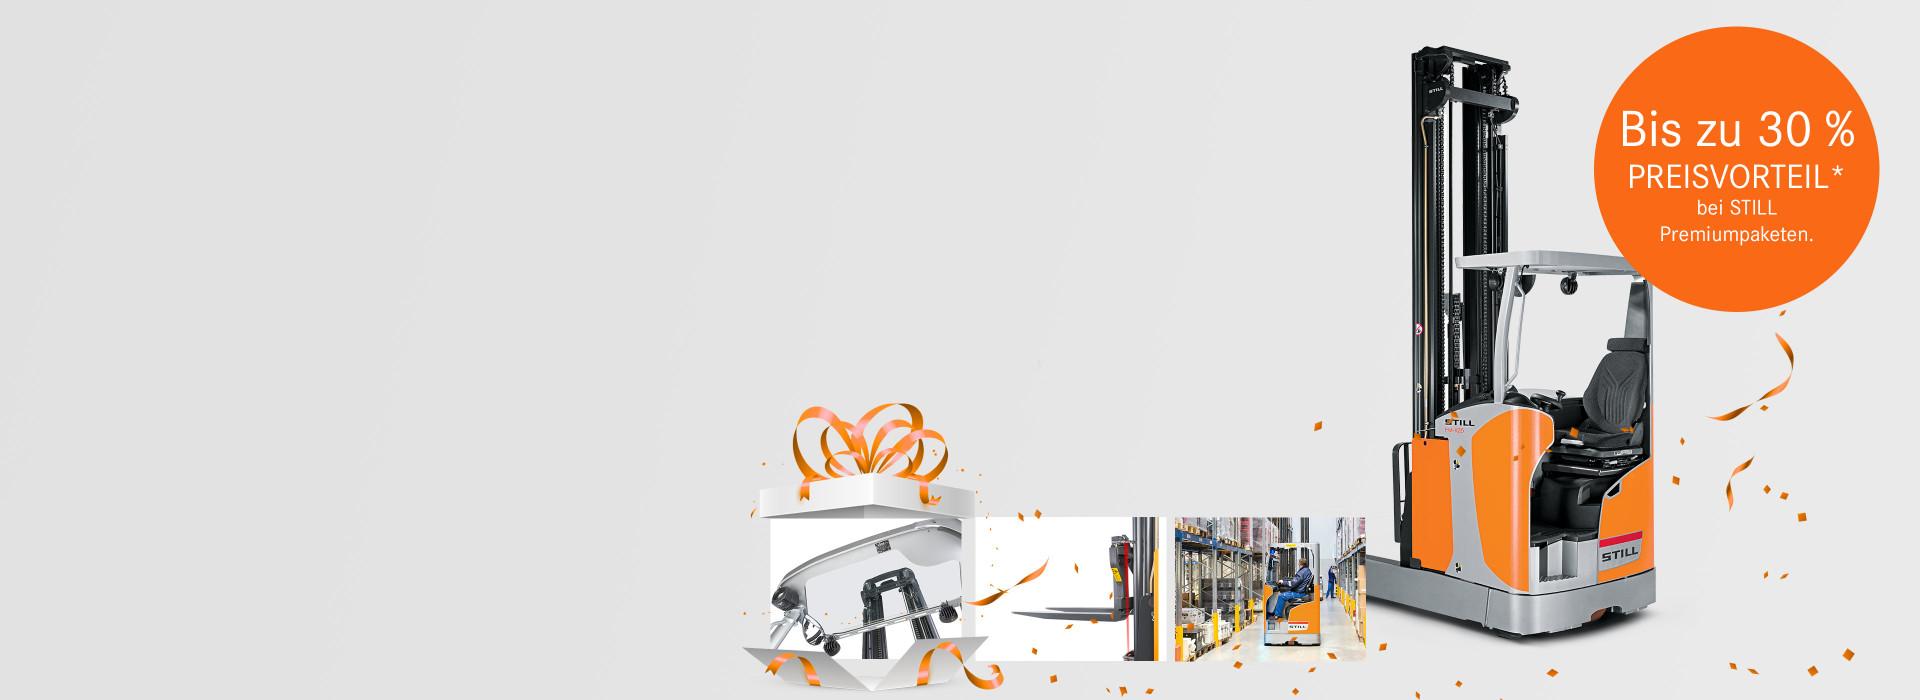 STILL Schubmaststapler mit attraktiven Premiumpaketen.